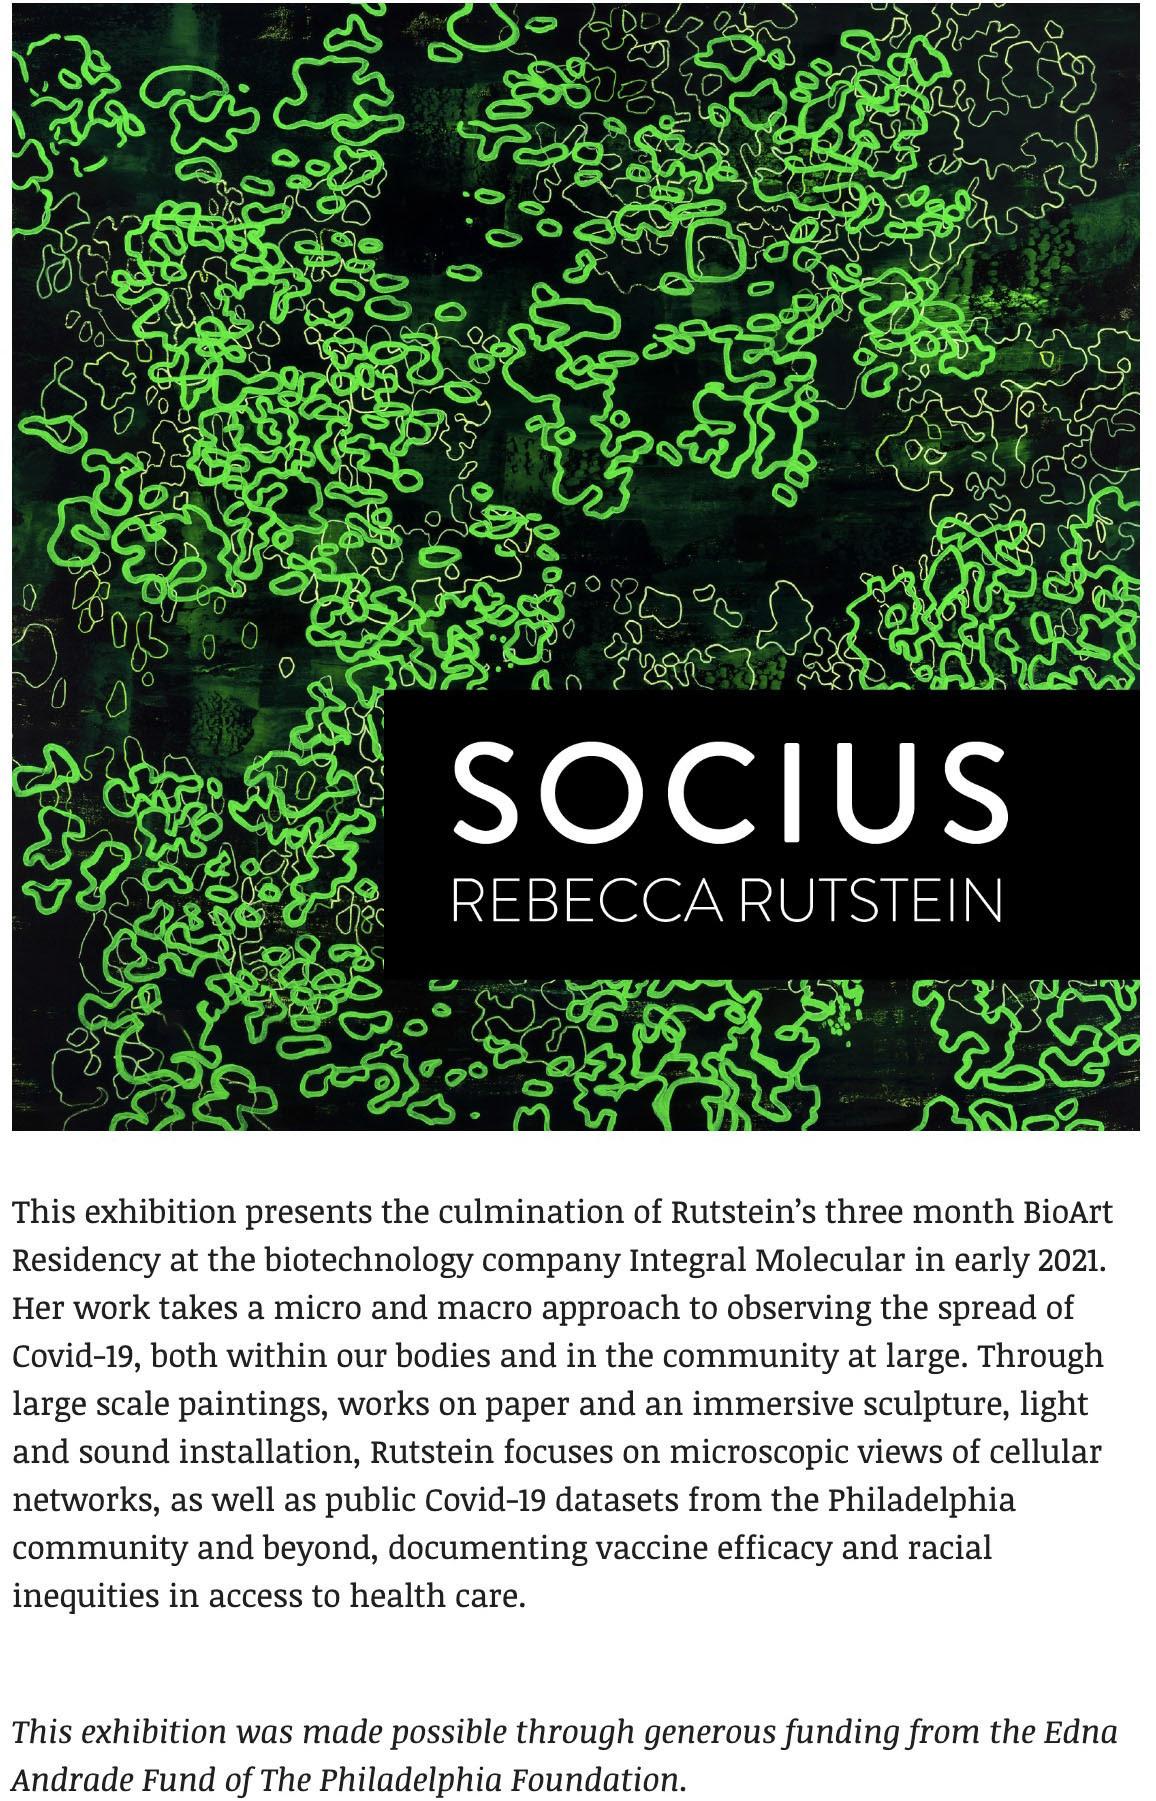 Socius exhibition